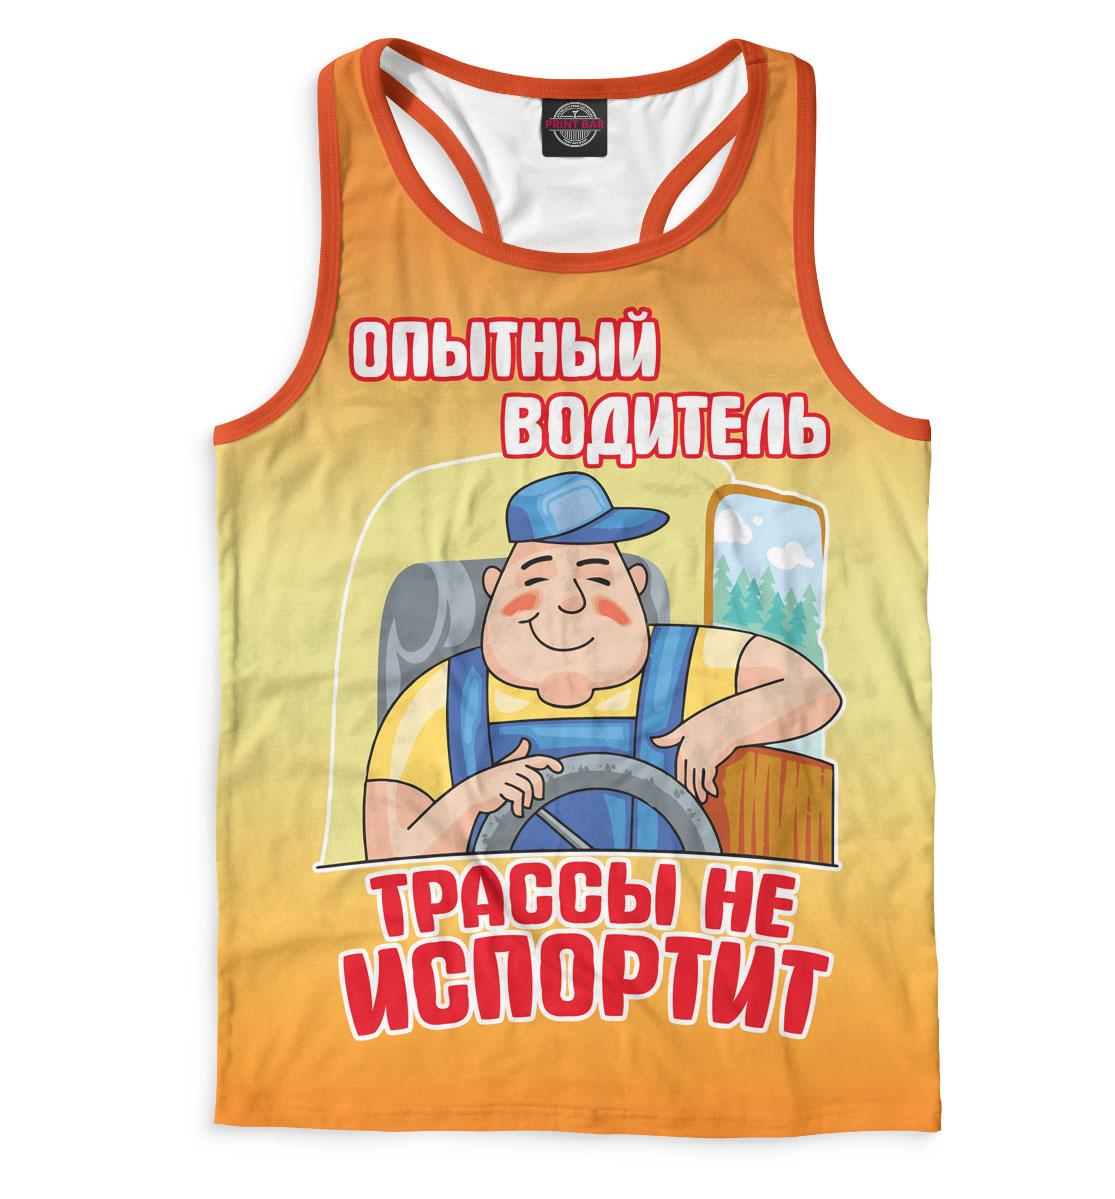 Купить Опытный водитель, Printbar, Майки борцовки, VDT-767148-mayb-2